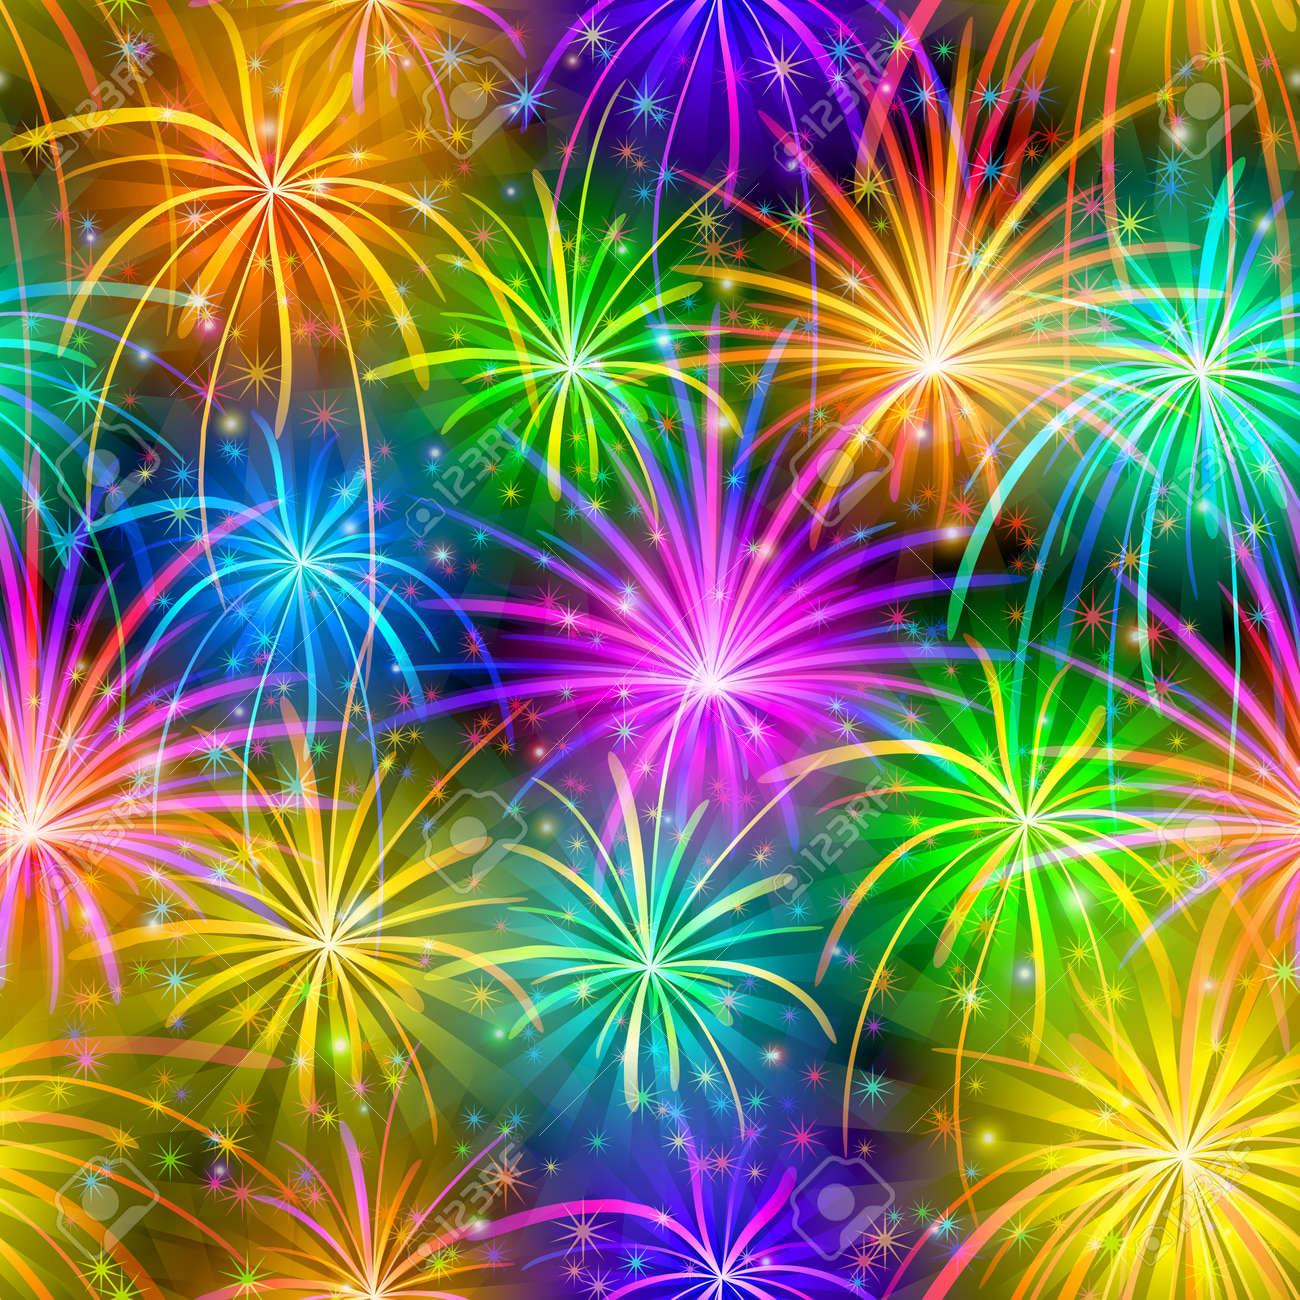 feuerwerk hintergrund nahtlos in verschiedenen farben muster fr ferien design vector eps10 enthlt folien lizenzfreie - Rentabilittsvorschau Muster